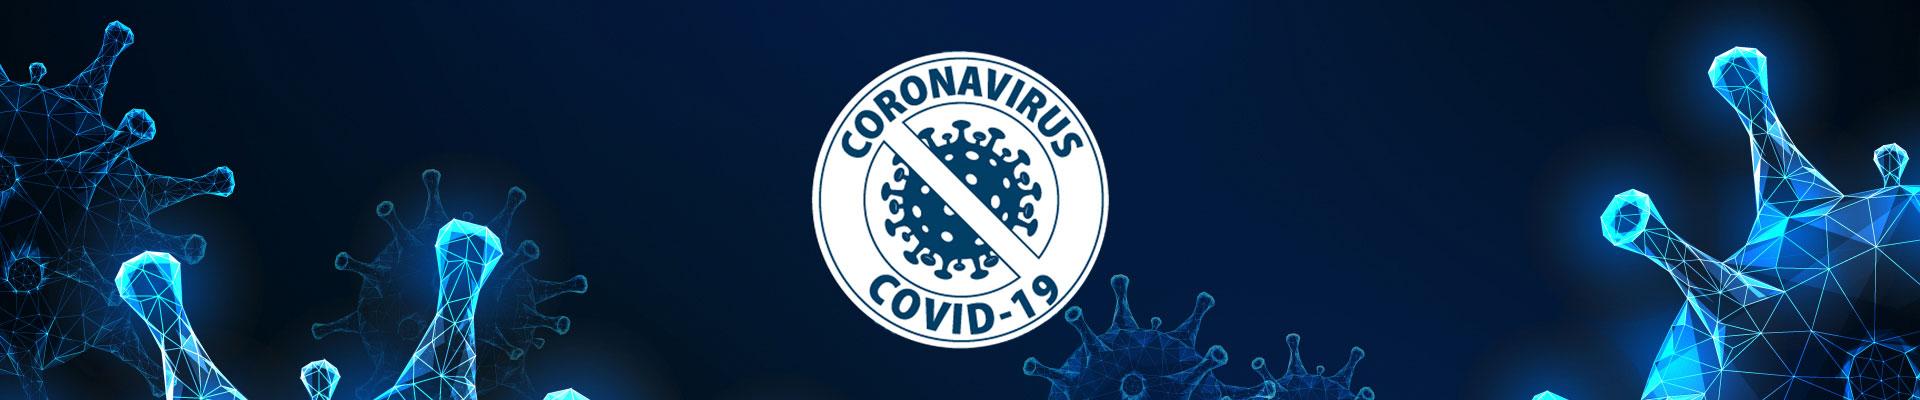 covid-19-pc